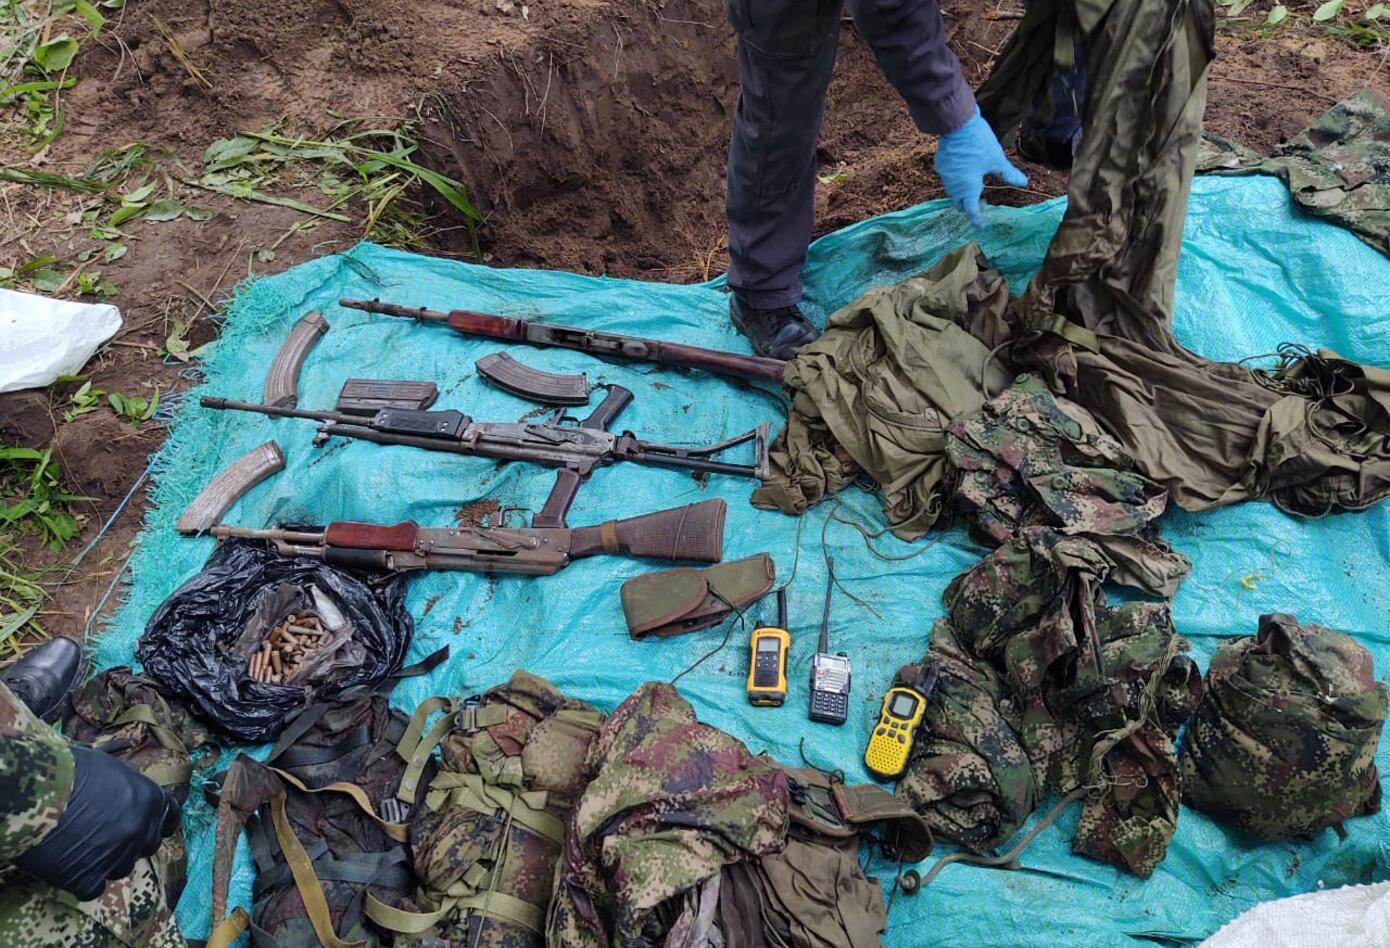 fueron encontrados varias armas largas, equipos de comunicación y uniformes de uso exclusivo del ejército nacional